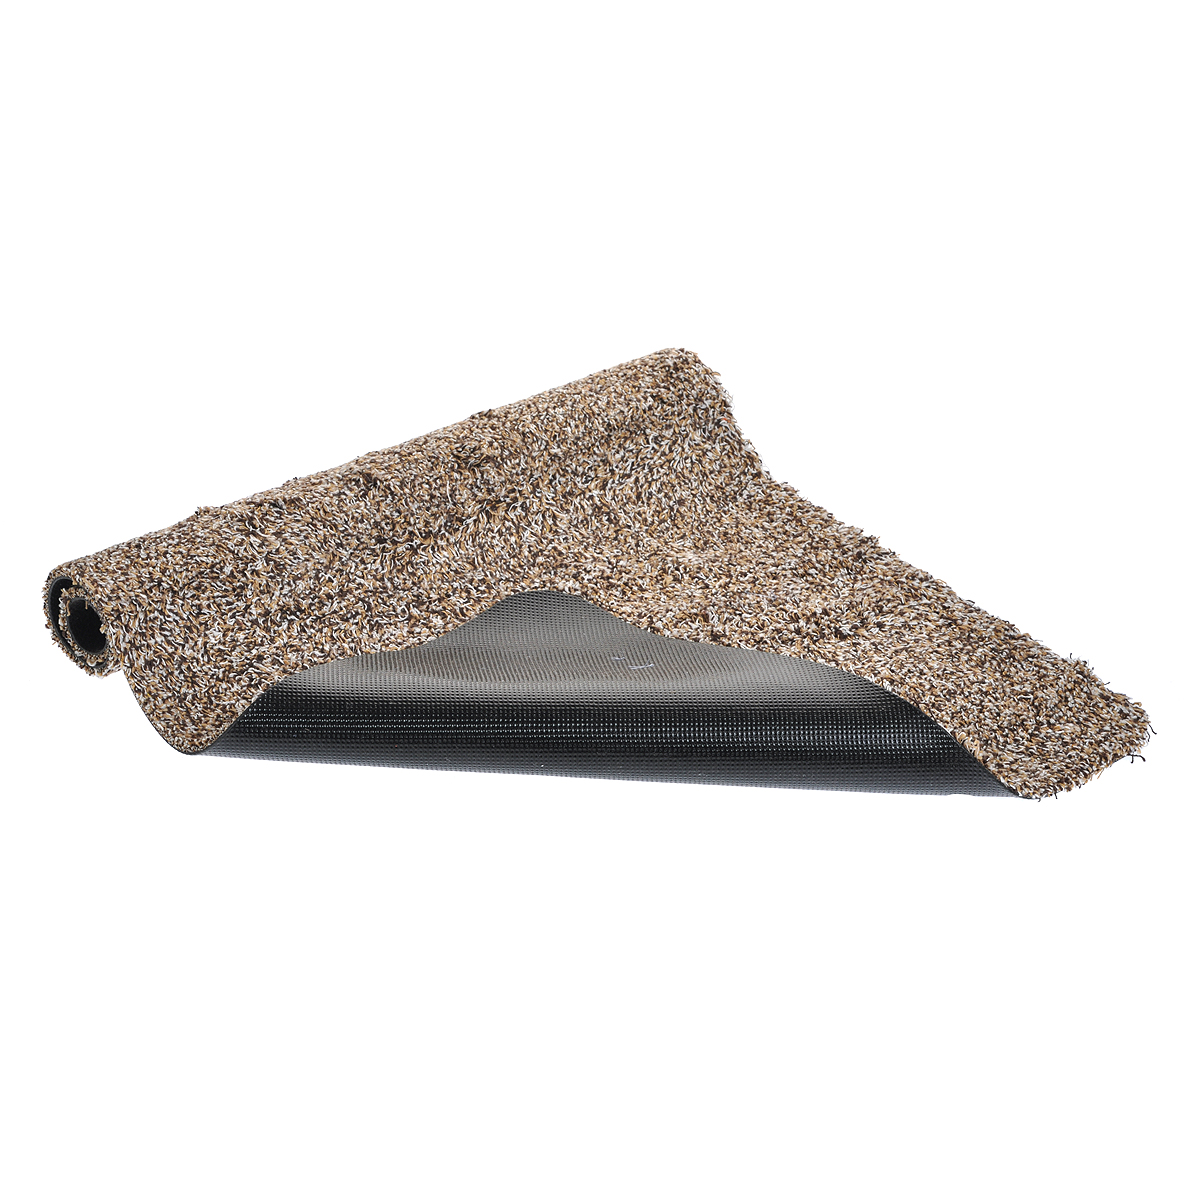 Коврик для прихожей Bradex Ни следа, 45 см х 70 смTD 0167Коврик для прихожей Bradex Ни следа призван сохранить чистоту и уют в вашем доме. Он обладает крупным и высоким ворсом из микрофибры, который впитывает влажную грязь и задерживает пыль. Постелив такой коврик перед входной дверью, вы избавите себя от постоянной уборки пола. Также коврик можно поместить в ванной комнате, ведь нескользящая резиновая основа делает его подходящим для любого напольного покрытия. Если коврик загрязнится, то вы сможете очистить его при помощи стиральной машины, благодаря чему он прослужит гораздо дольше, чем обычный коврик.